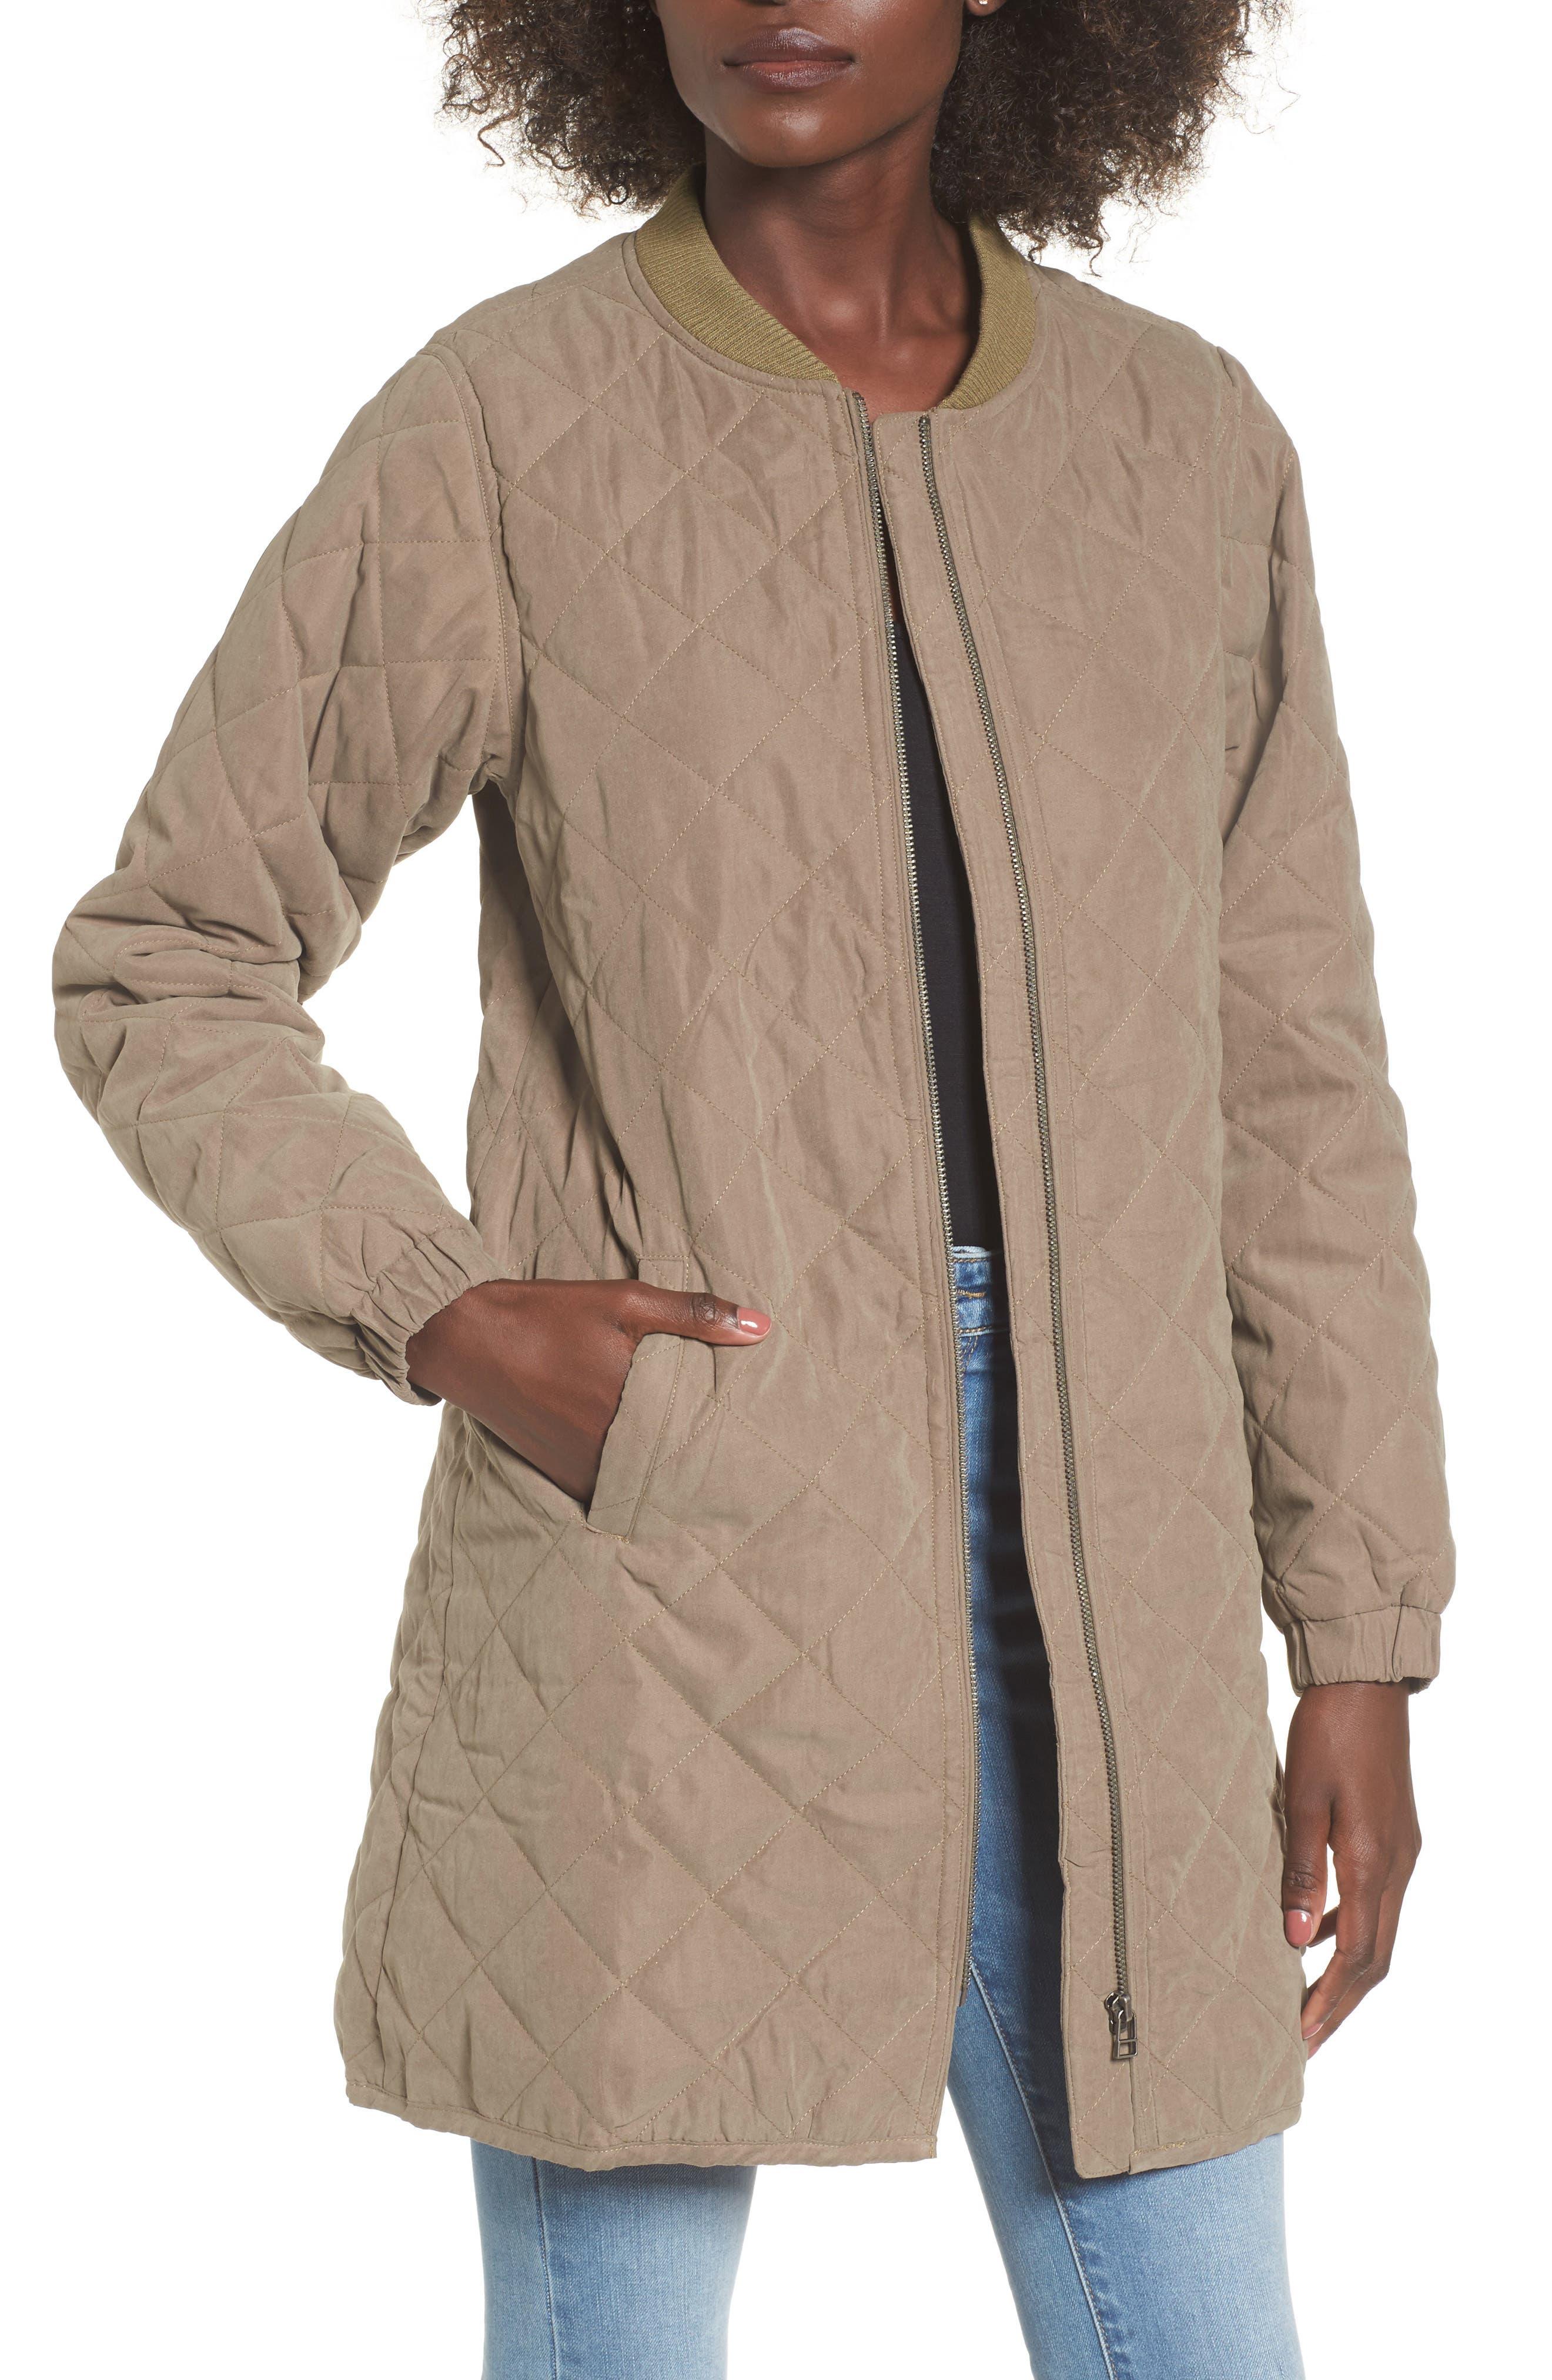 Lira Clothing Stone Longline Bomber Jacket